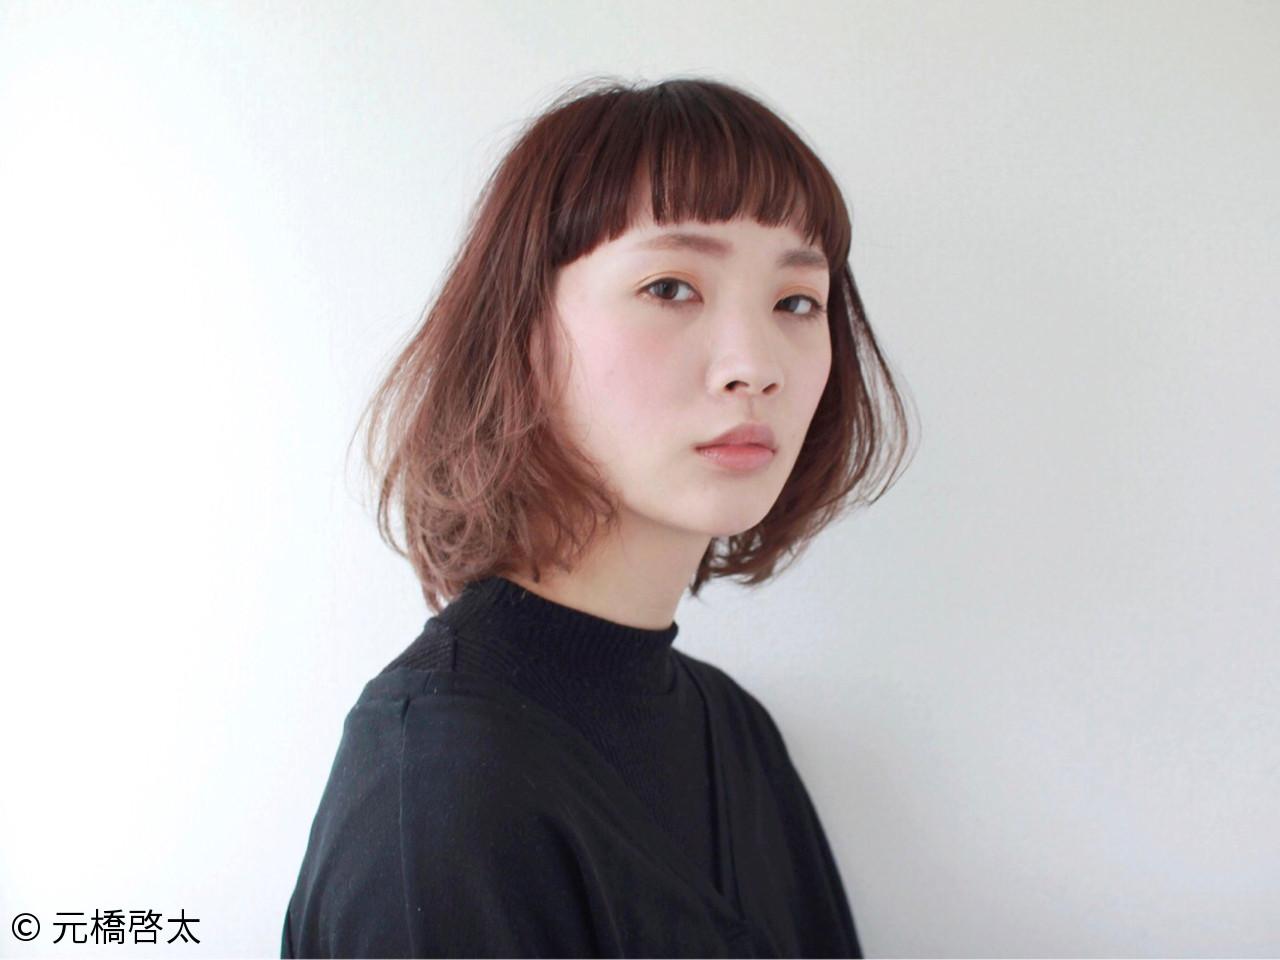 ベージュ ミルクティー ピンク モード ヘアスタイルや髪型の写真・画像 | 元橋啓太 / snob